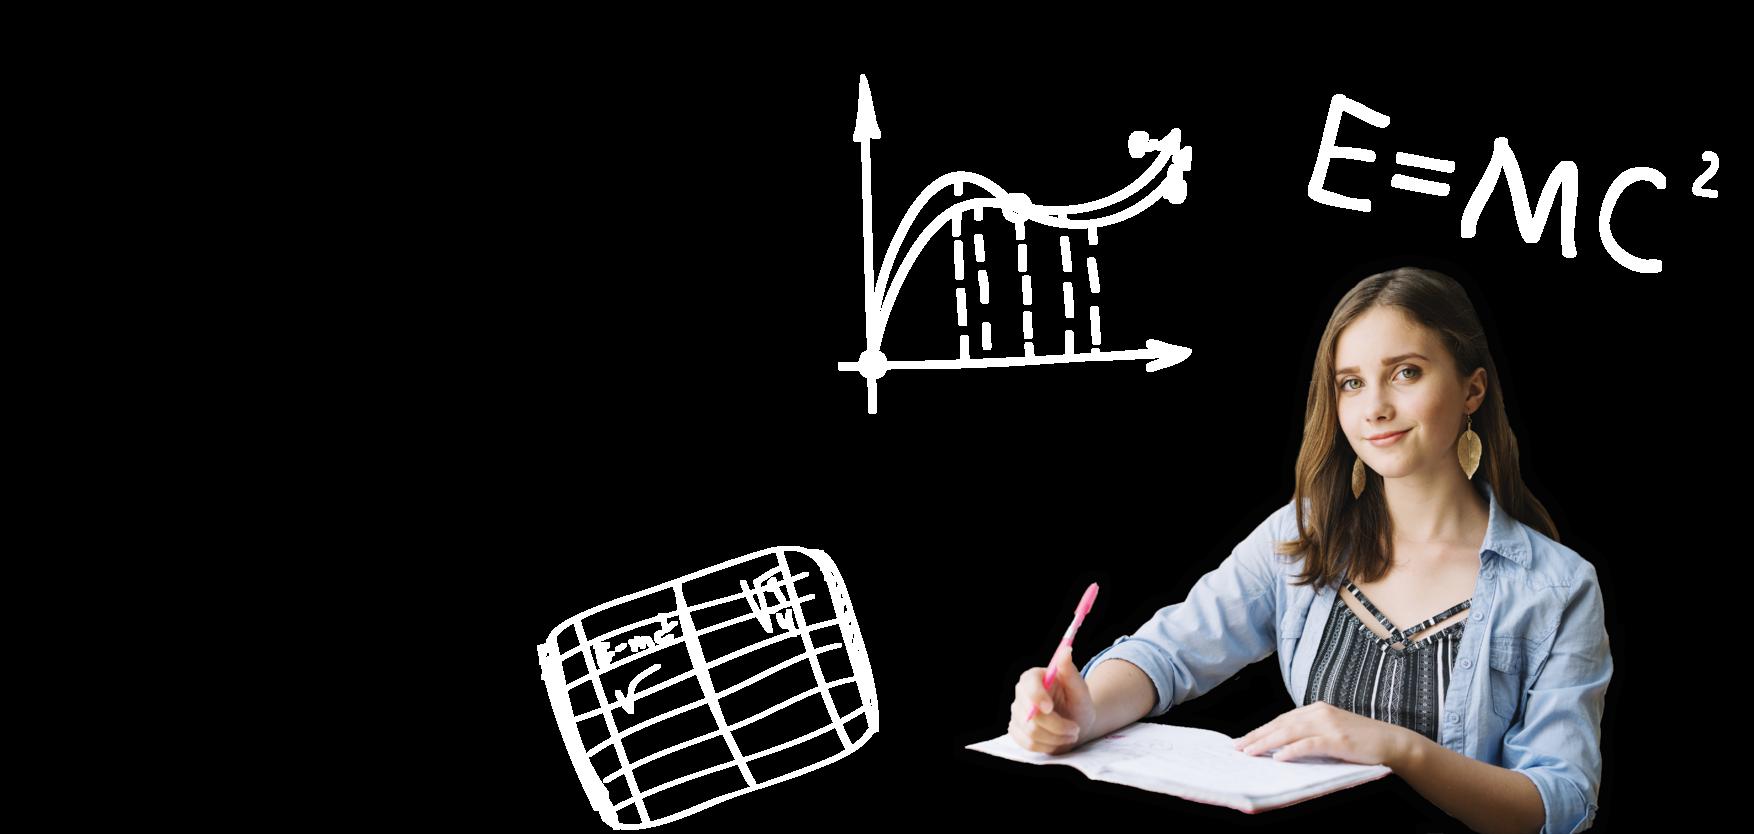 Курсы подготовки к олимпиаде по физике в СПб